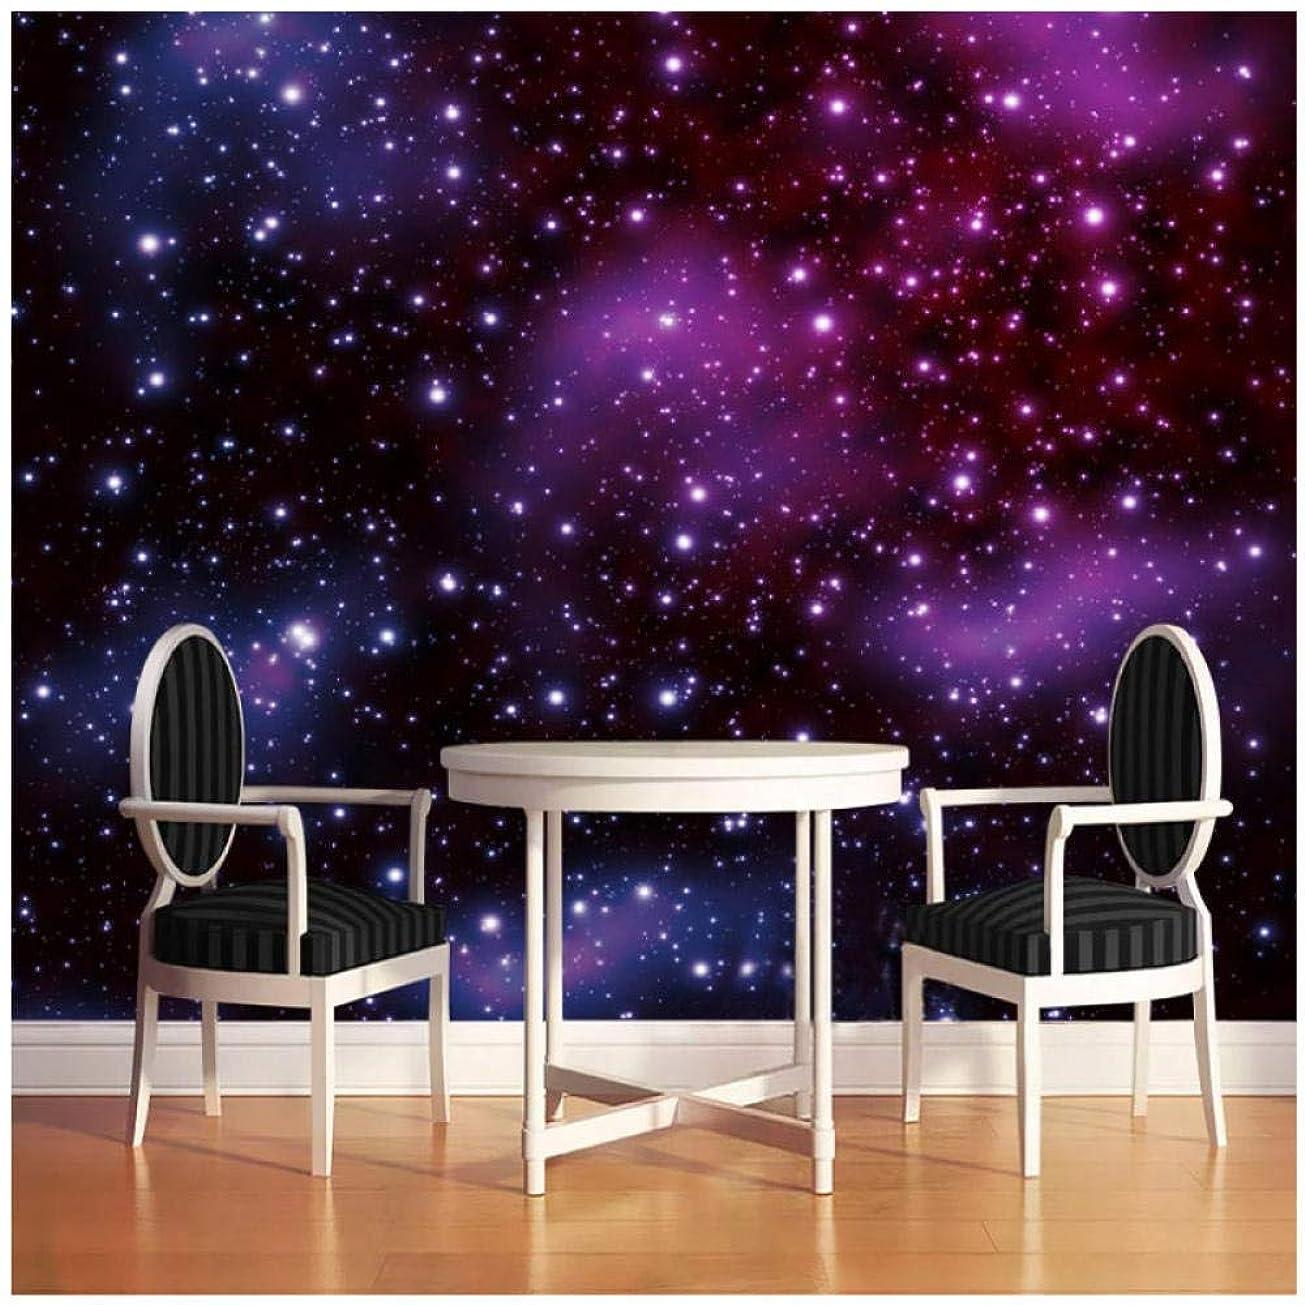 特派員質素なプランター寝室の壁の3D写真の壁紙星空現代アート壁画リビングルームレストランの装飾壁画-300センチ(幅)×200センチ(H)(9'10